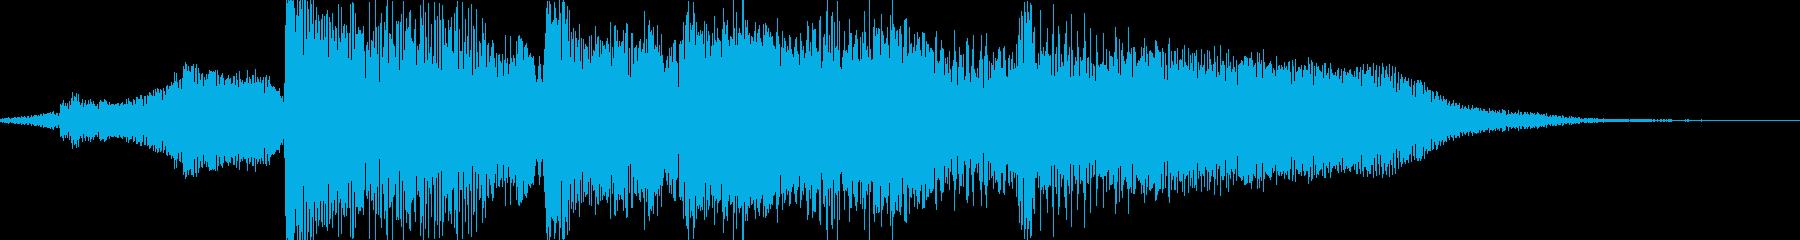 コーポレート ほのぼの 幸せ ファ...の再生済みの波形